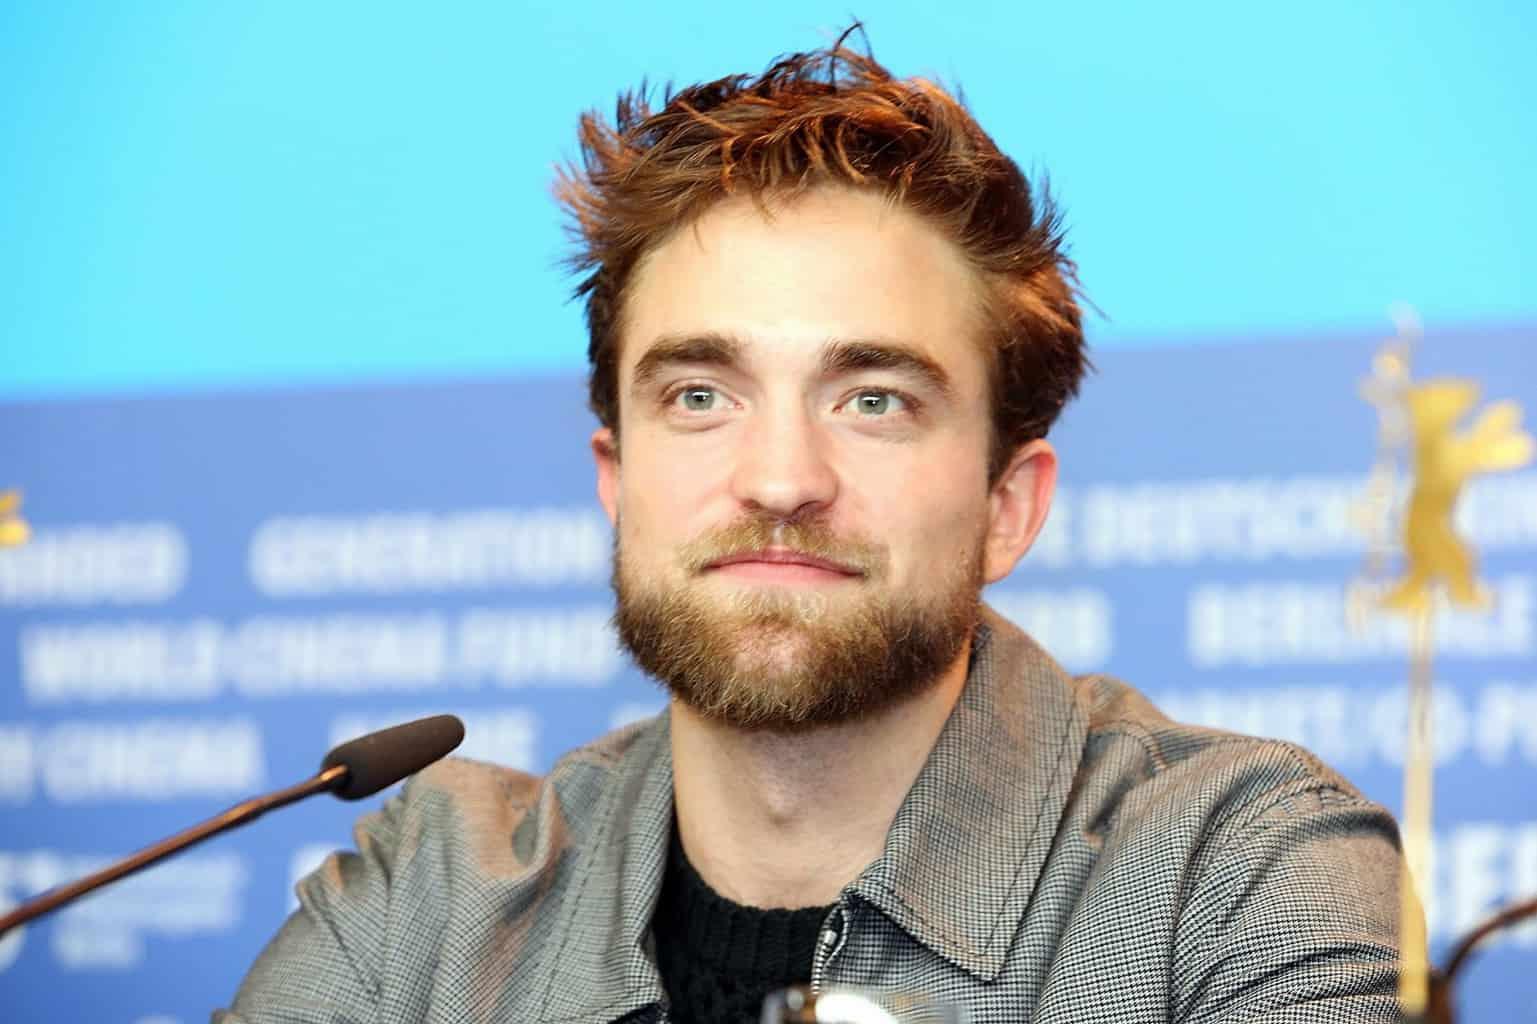 beard style of hottest Robert Pattinson